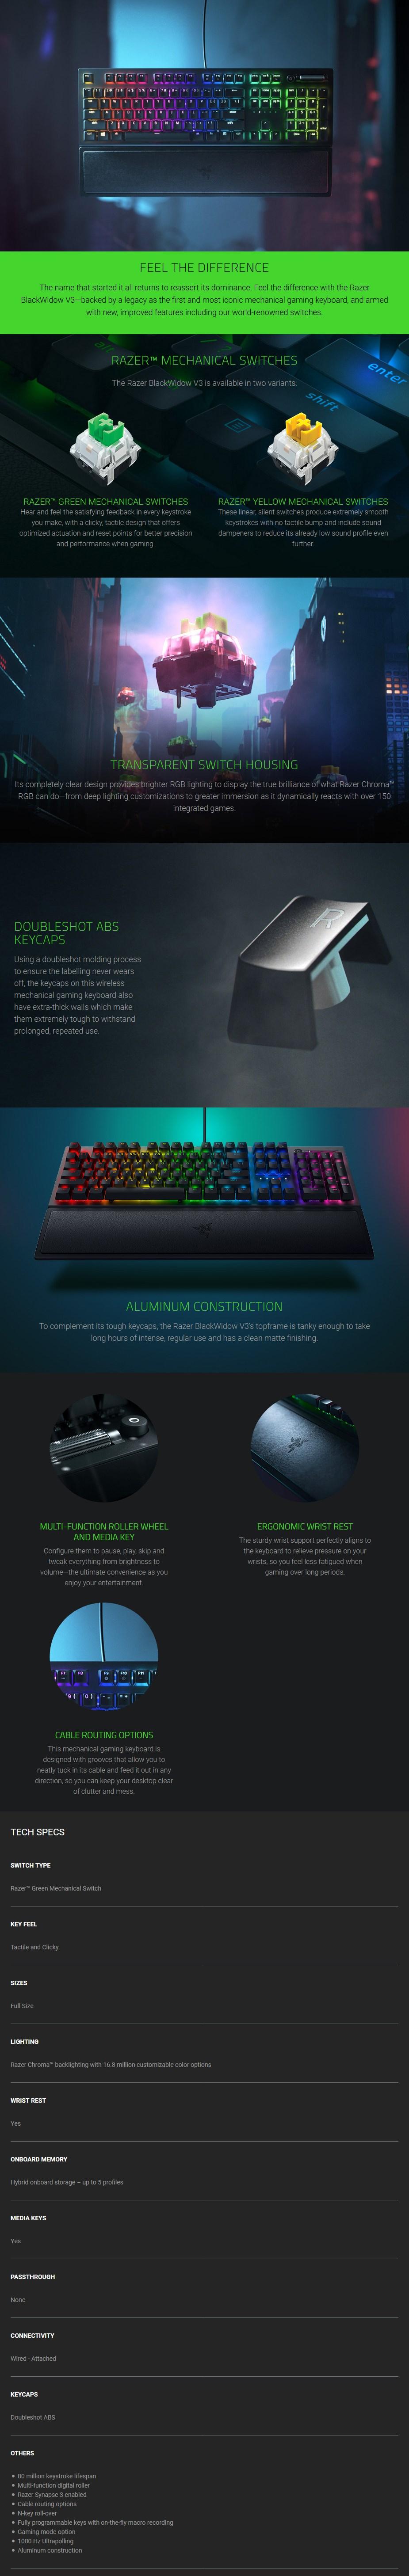 razer-blackwidow-v3-mechanical-gaming-keyboard-green-switches-ac39696-2.jpg